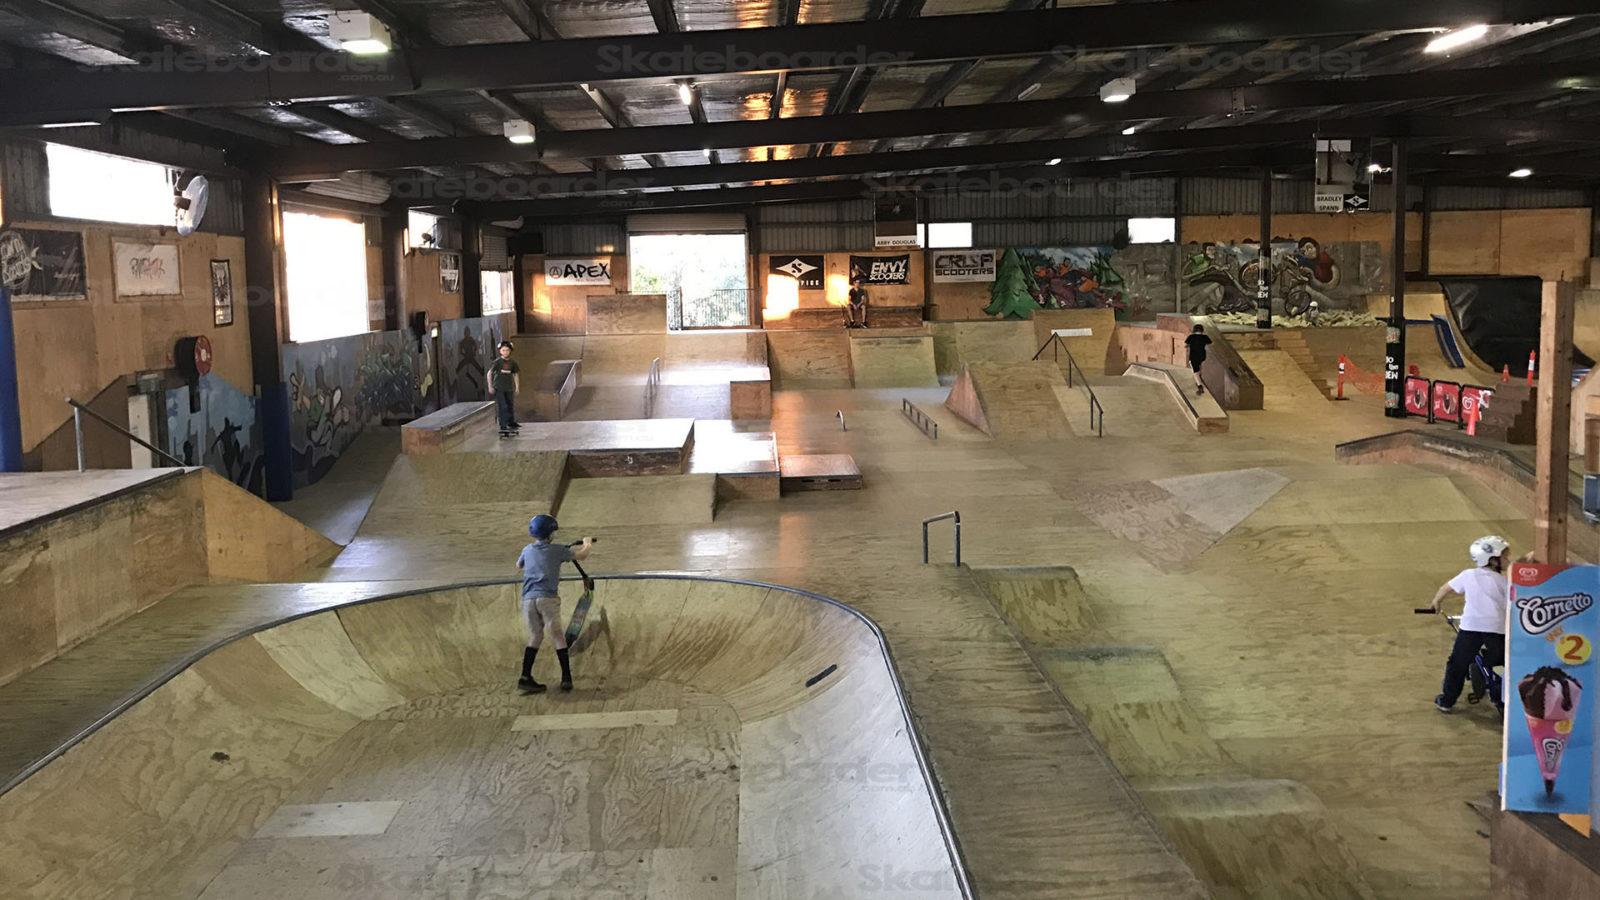 Looking across Rampattak Indoor Skatepark